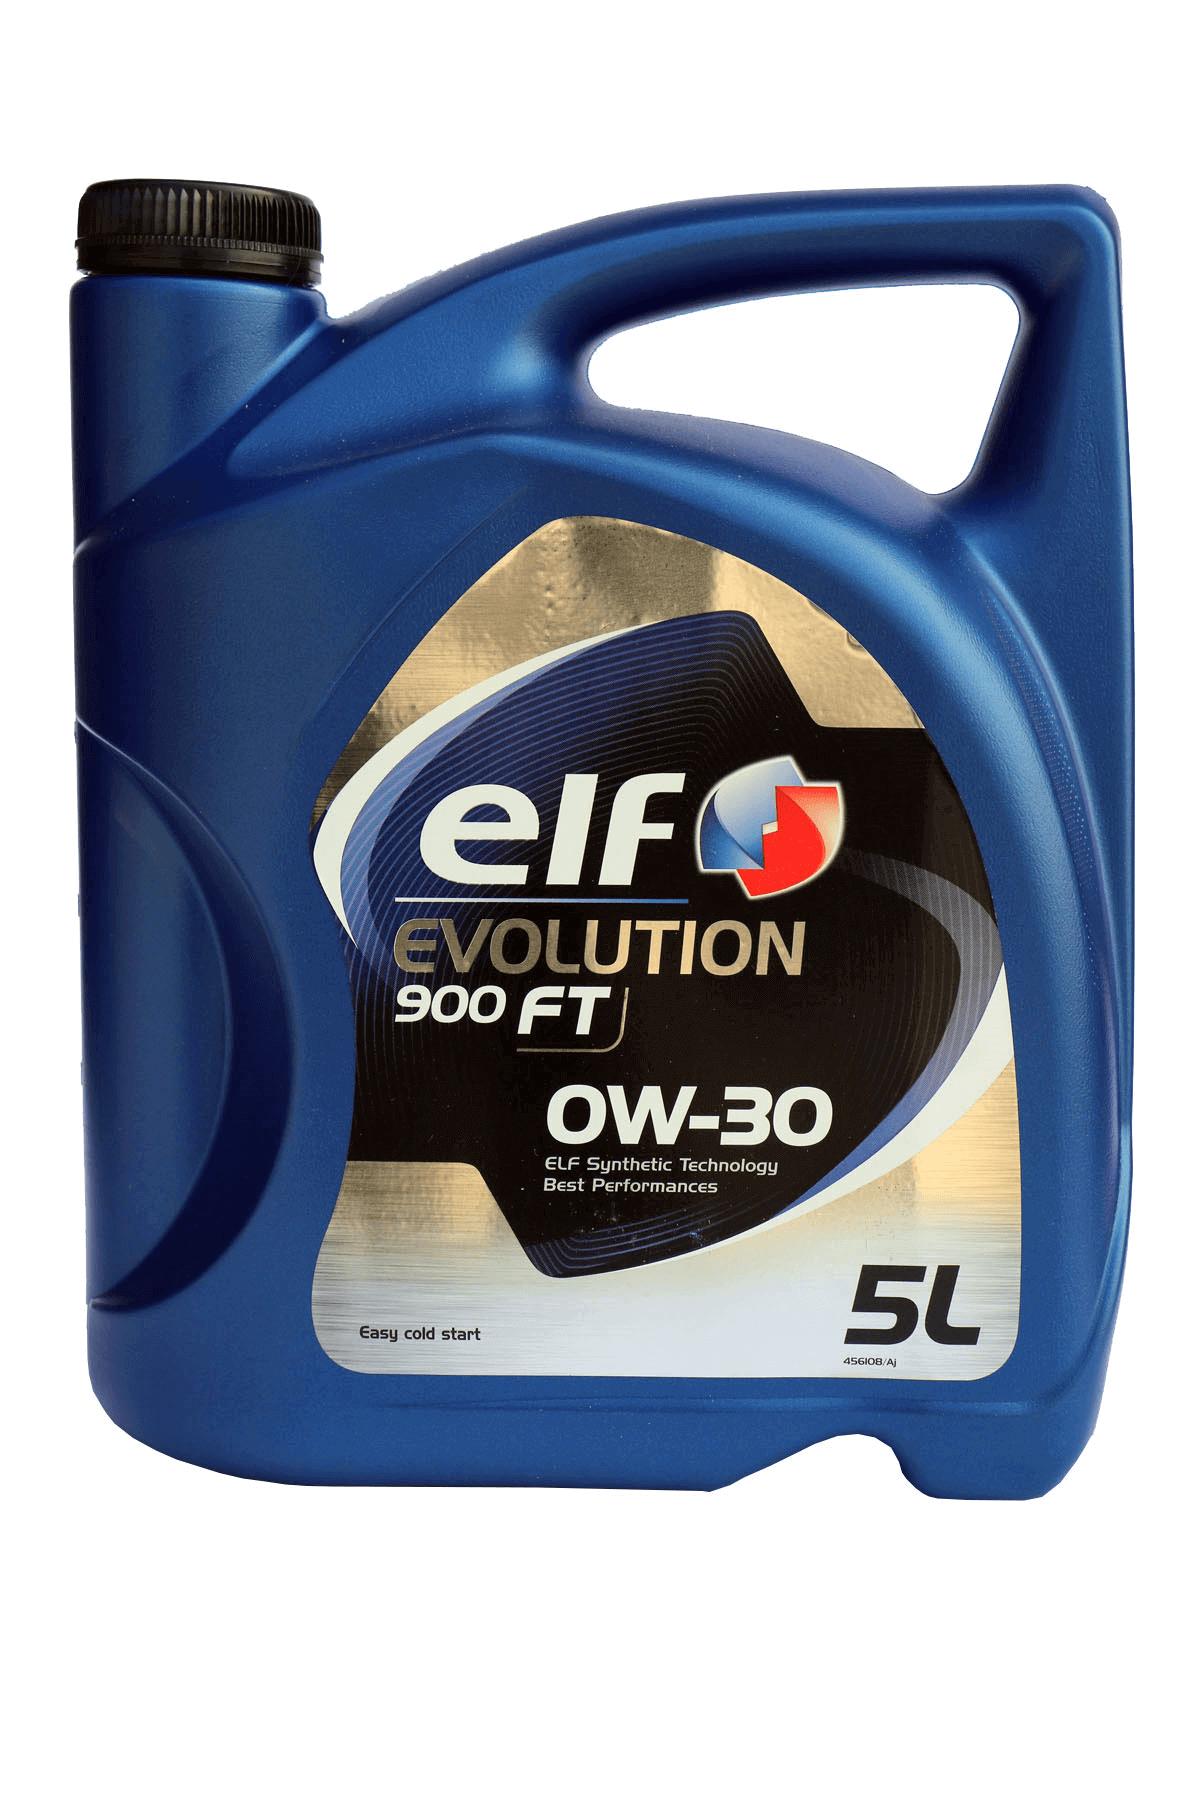 ELF 0W-30 Evolution 900 FT 0W-30 Motoröl, 5l